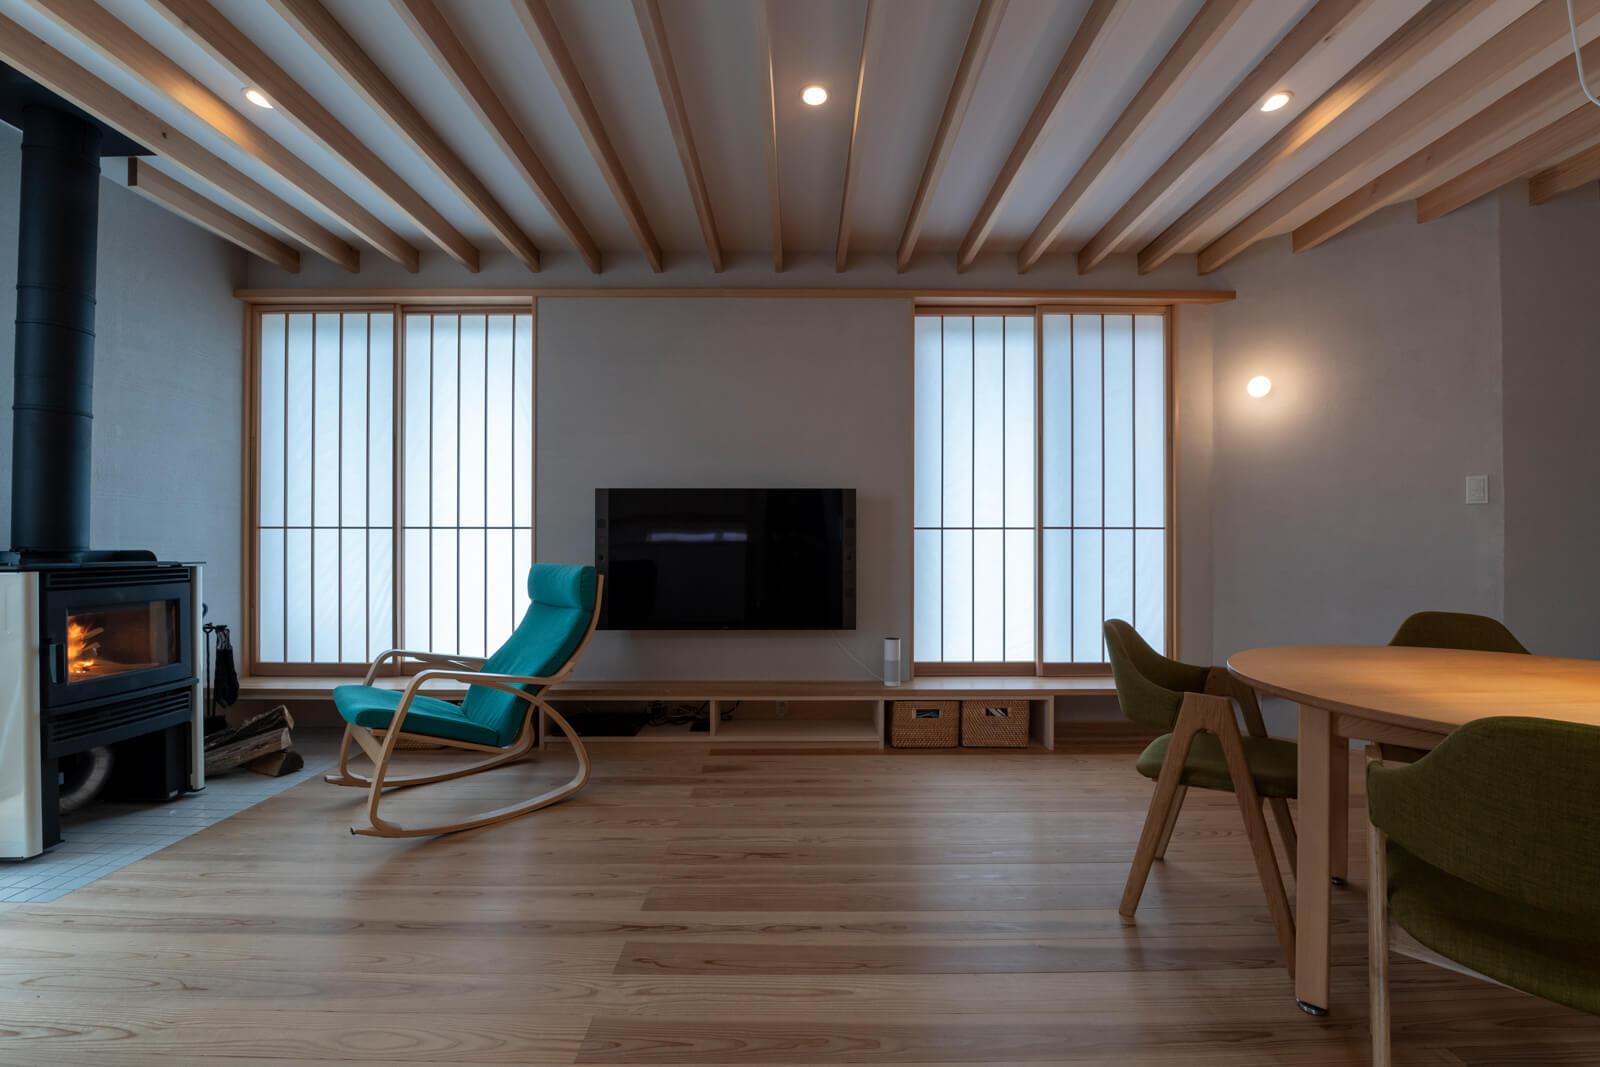 梁が連なるLDKの掃き出し窓の段差は収納としてもベンチとしても活躍。薪ストーブの炎を眺める時間は、格別のひととき。窓に設えた建具も、全体に配慮して緻密なデザインが施されている